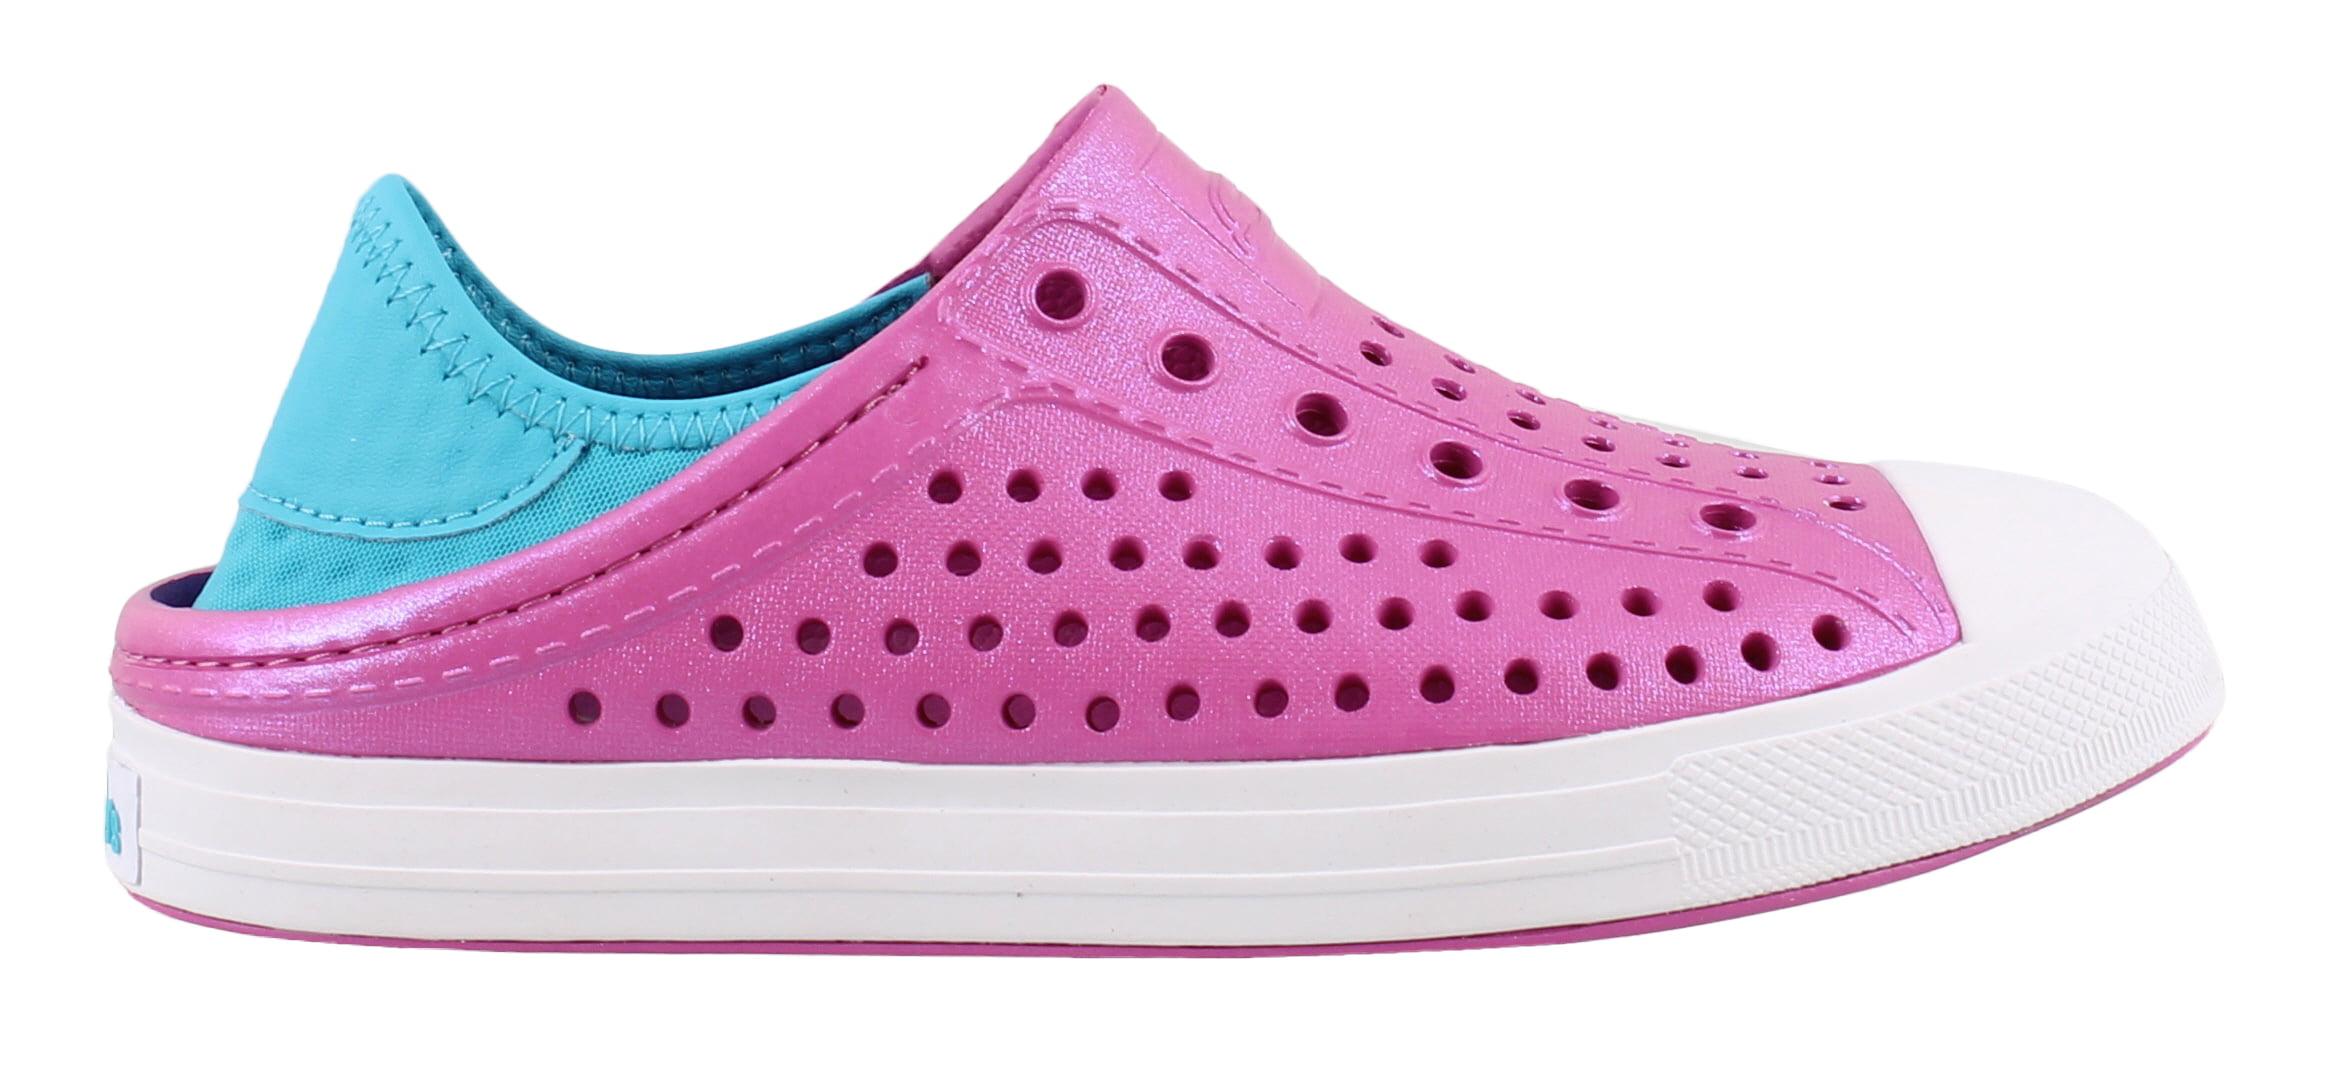 Girl's Skechers, Guzman Steps Slip on Shoes by Skechers